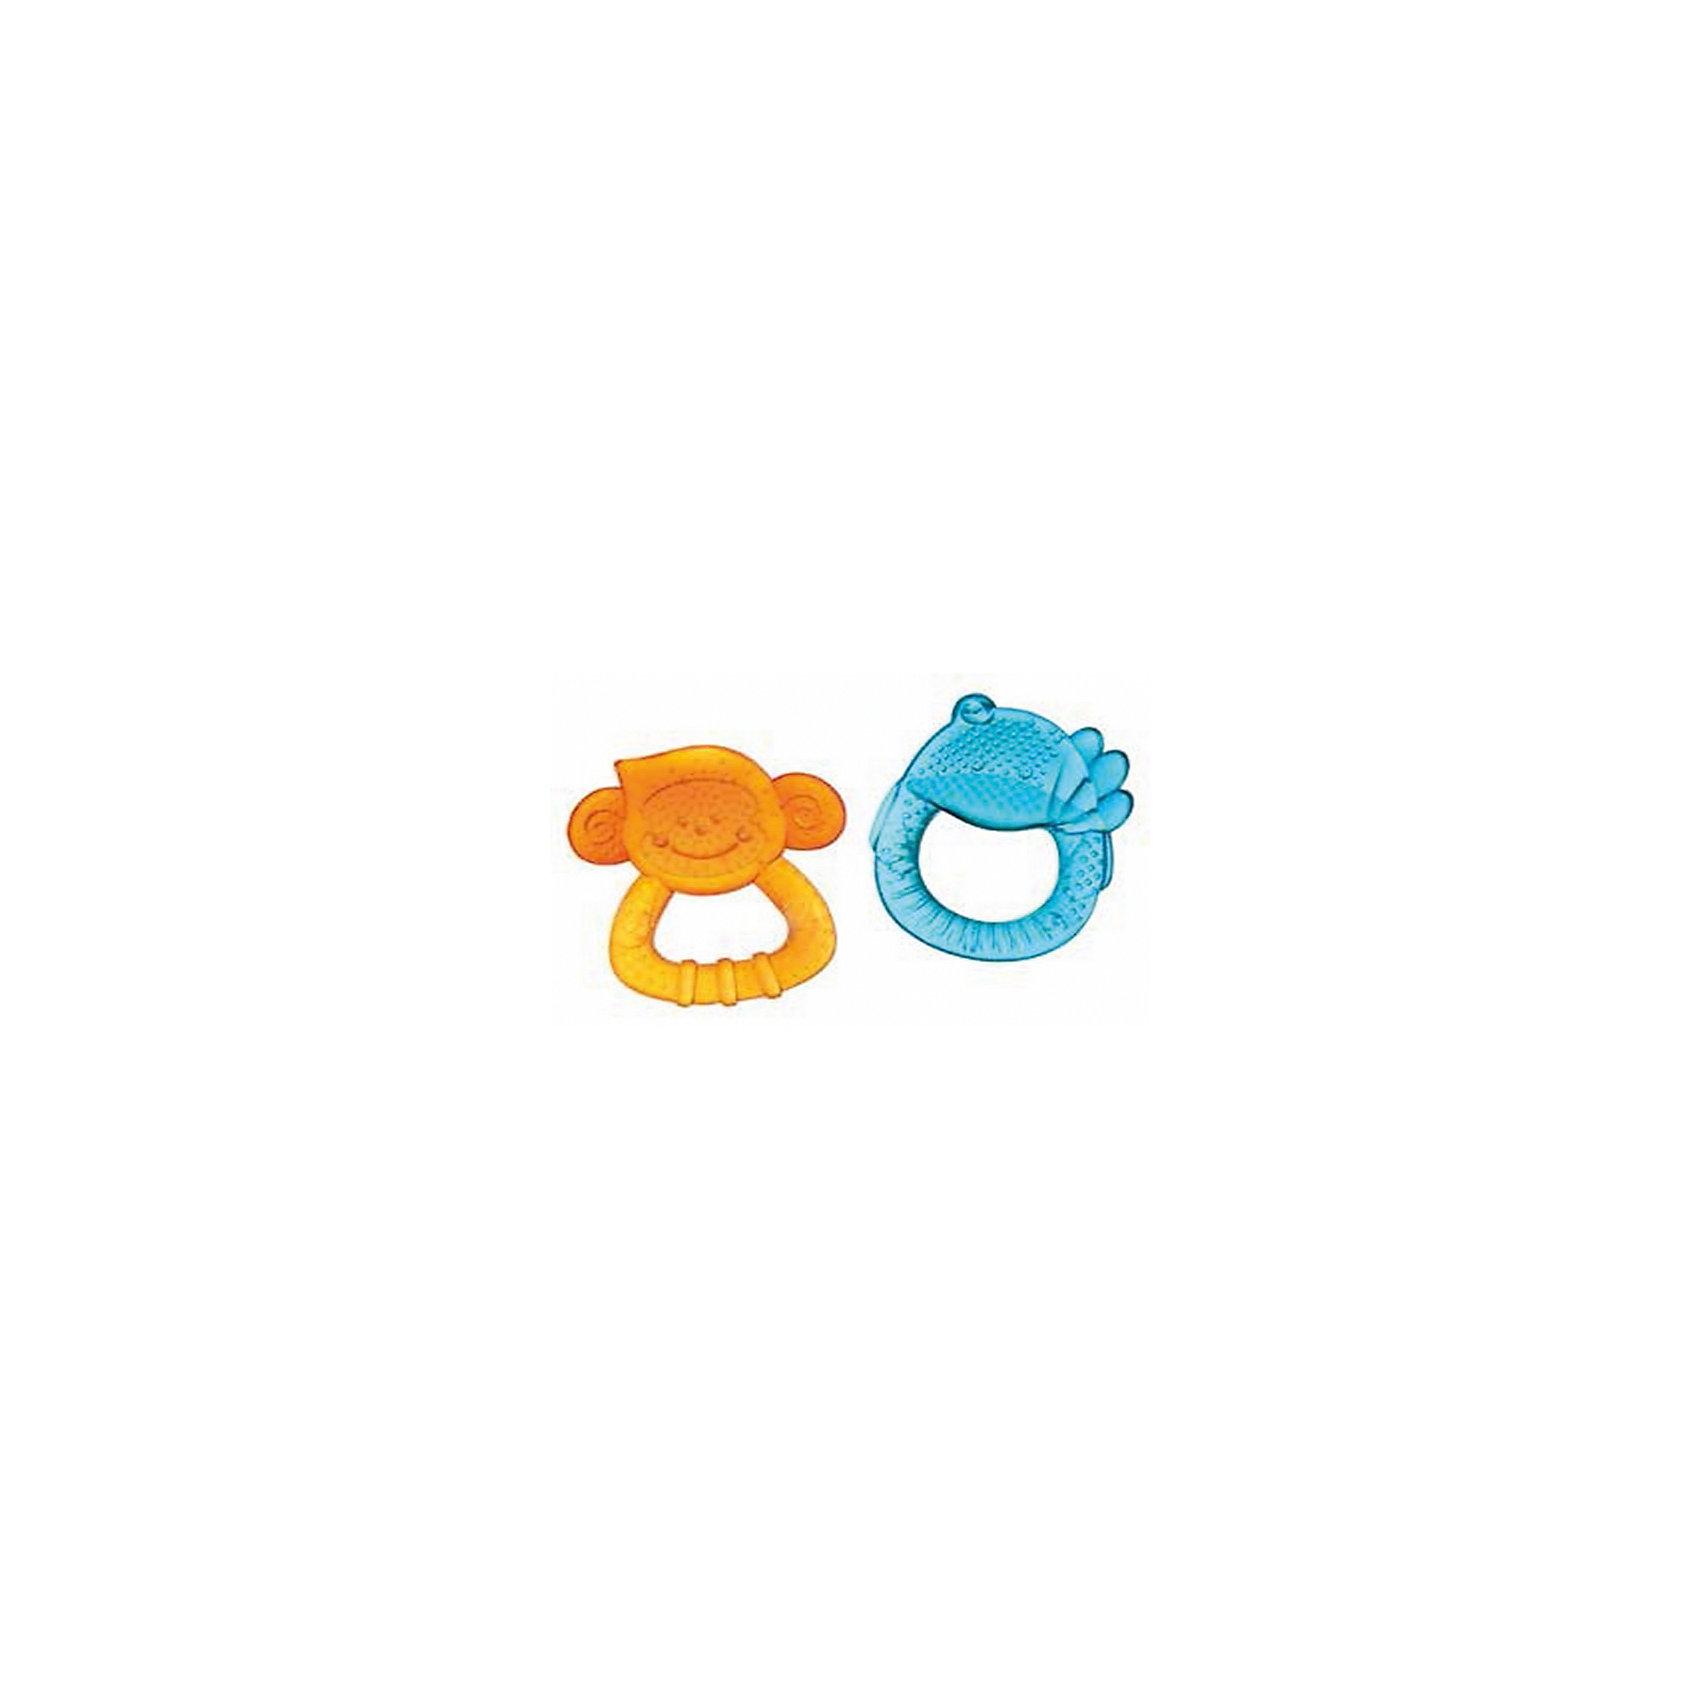 Набор прорезывателей Приятели, 2 шт, BKidsПрорезыватели<br>Прорезыватели необходимы детям, у которых режутся зубки. Они могут выглядеть очень симпатично! Эта игрушка представляет собой набор прорезывателей в виде утенка и обезьяны с водой внутри. Вы можете охладить их, чтобы облегчить болевые ощущения ребенка. <br>Такие игрушки способствуют развитию мелкой моторики, воображения, цветовосприятия, тактильных ощущений. Изделие разработано специально для самых маленьких. Сделано из материалов, безопасных для детей.<br><br>Дополнительная информация:<br><br>цвет: разноцветный;<br>комплектакция: 2 прорезывателя;<br>возраст: с рождения.<br><br>Набор прорезывателей Приятели от бренда BKids можно купить в нашем интернет-магазине.<br><br>Ширина мм: 38<br>Глубина мм: 38<br>Высота мм: 203<br>Вес г: 99<br>Возраст от месяцев: 0<br>Возраст до месяцев: 36<br>Пол: Унисекс<br>Возраст: Детский<br>SKU: 5055390